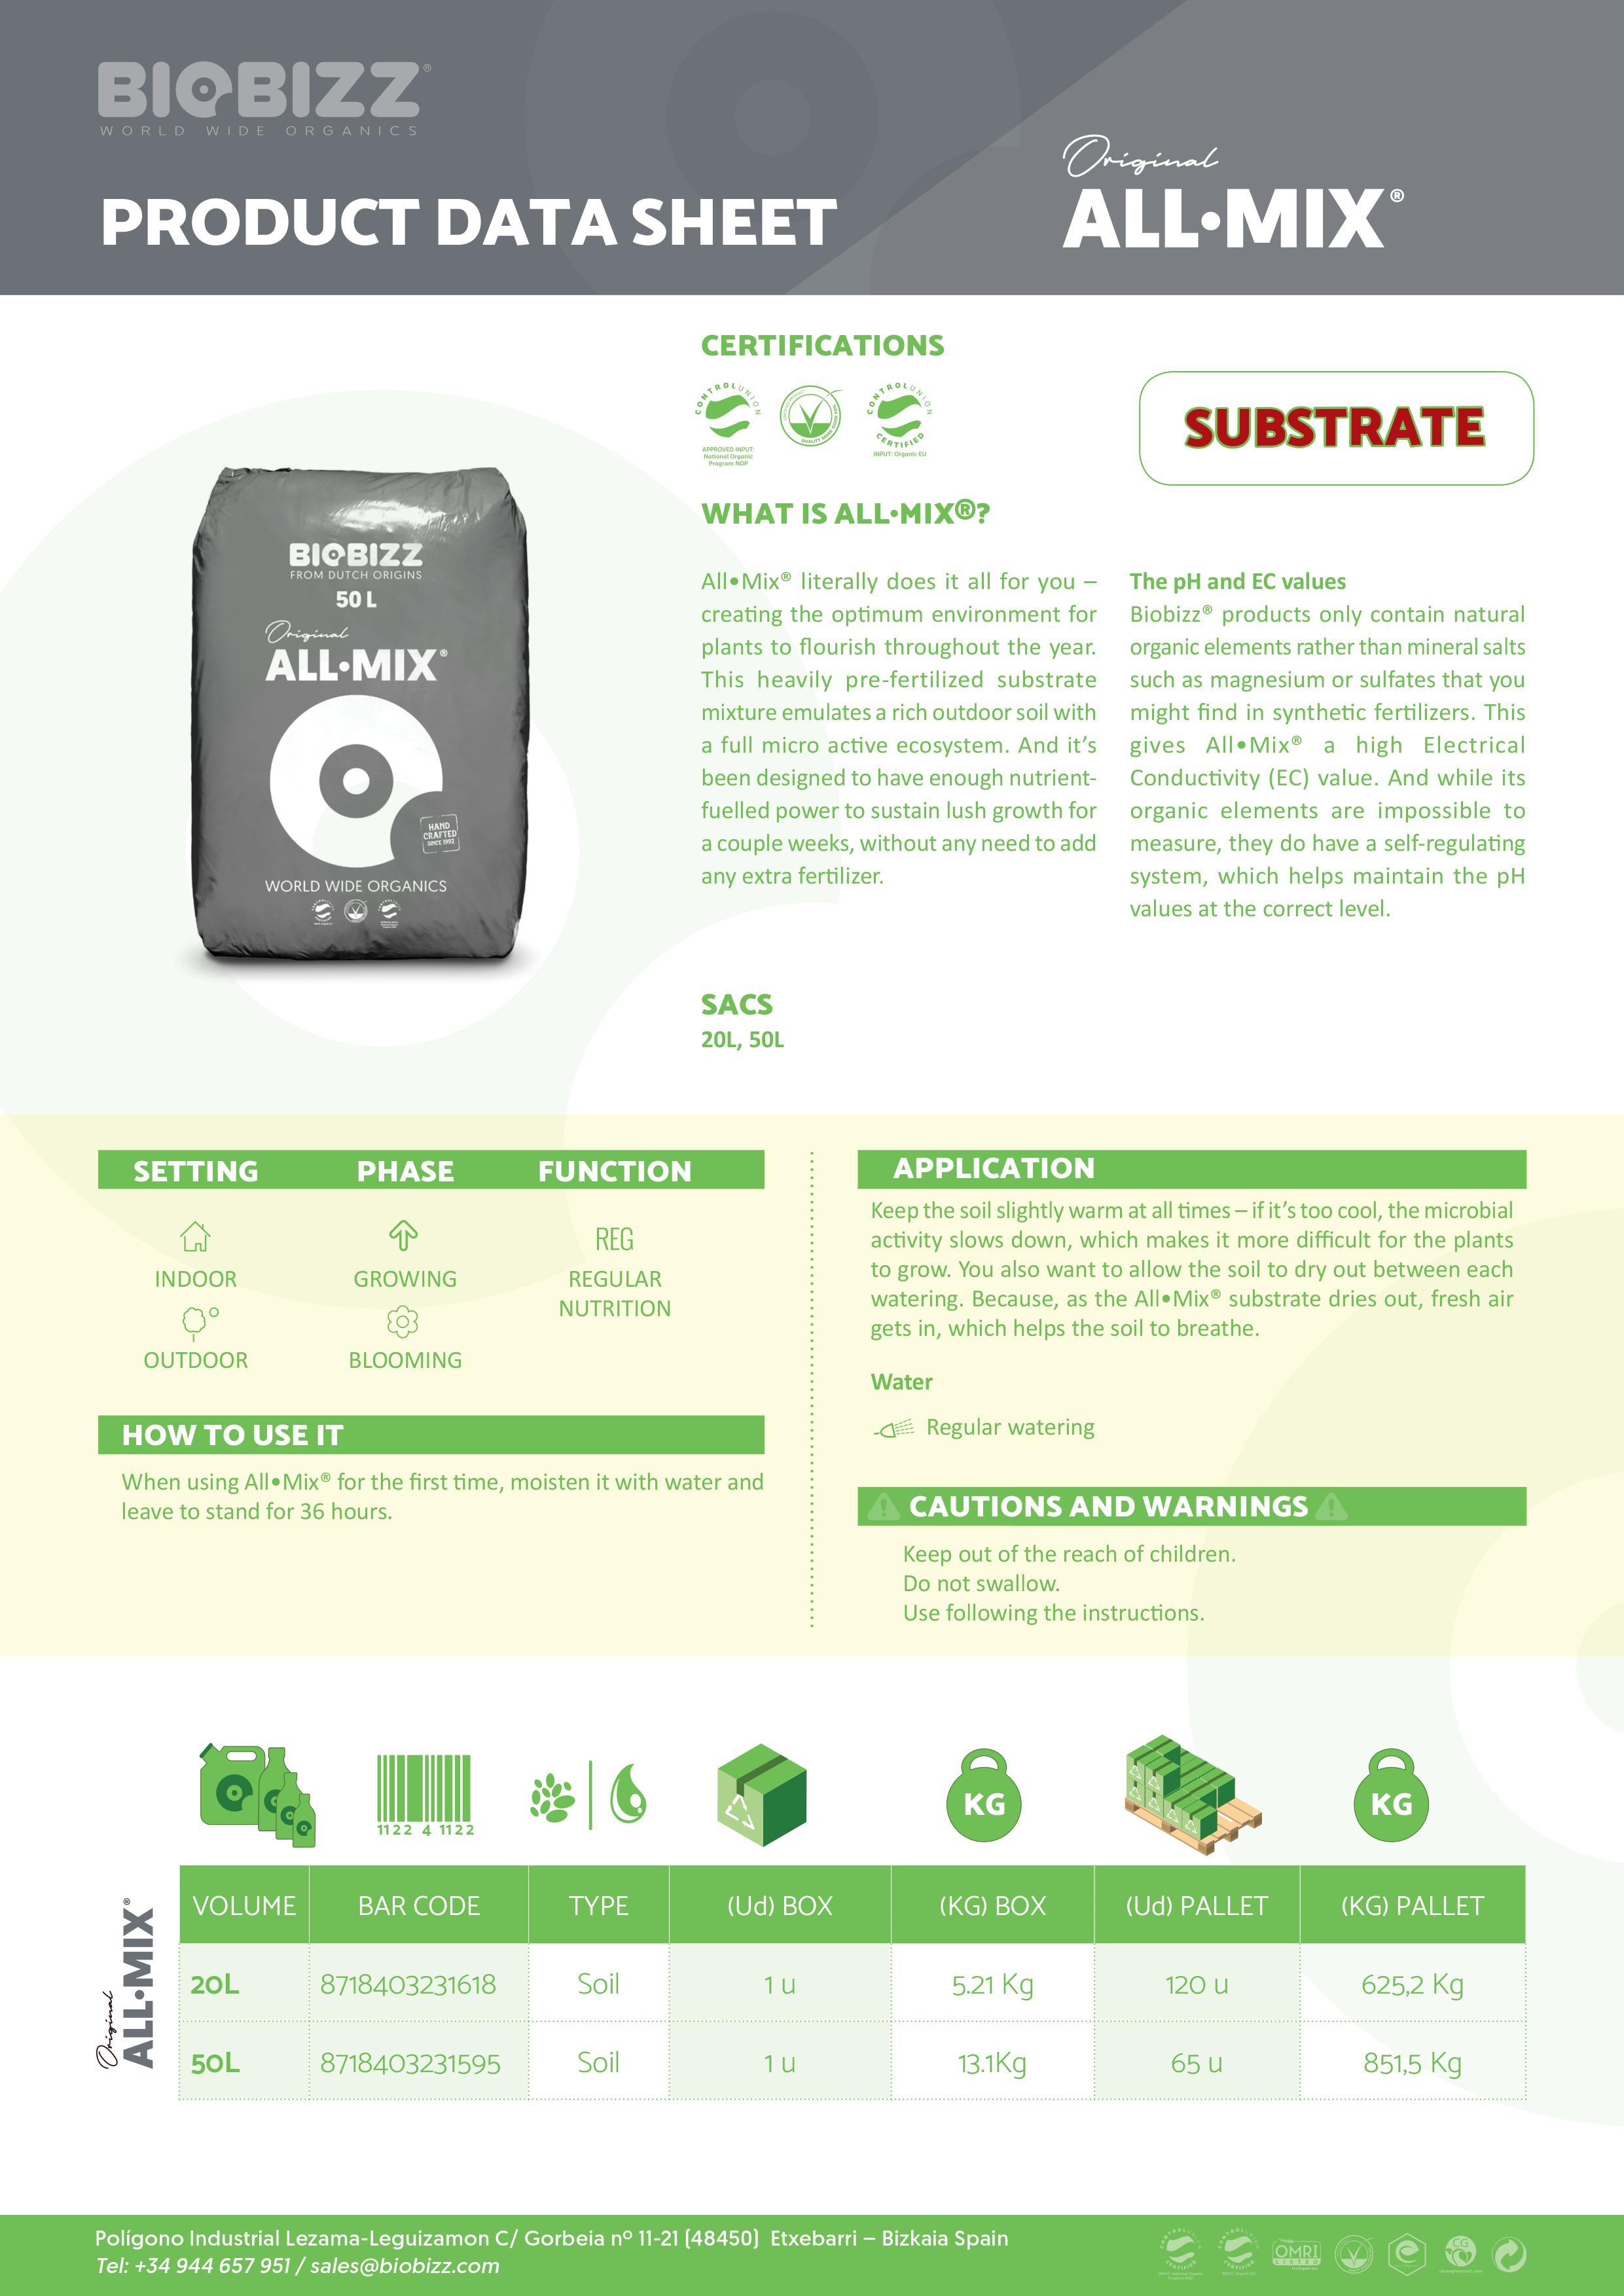 Biobizz All-Mix Data Sheet 2020